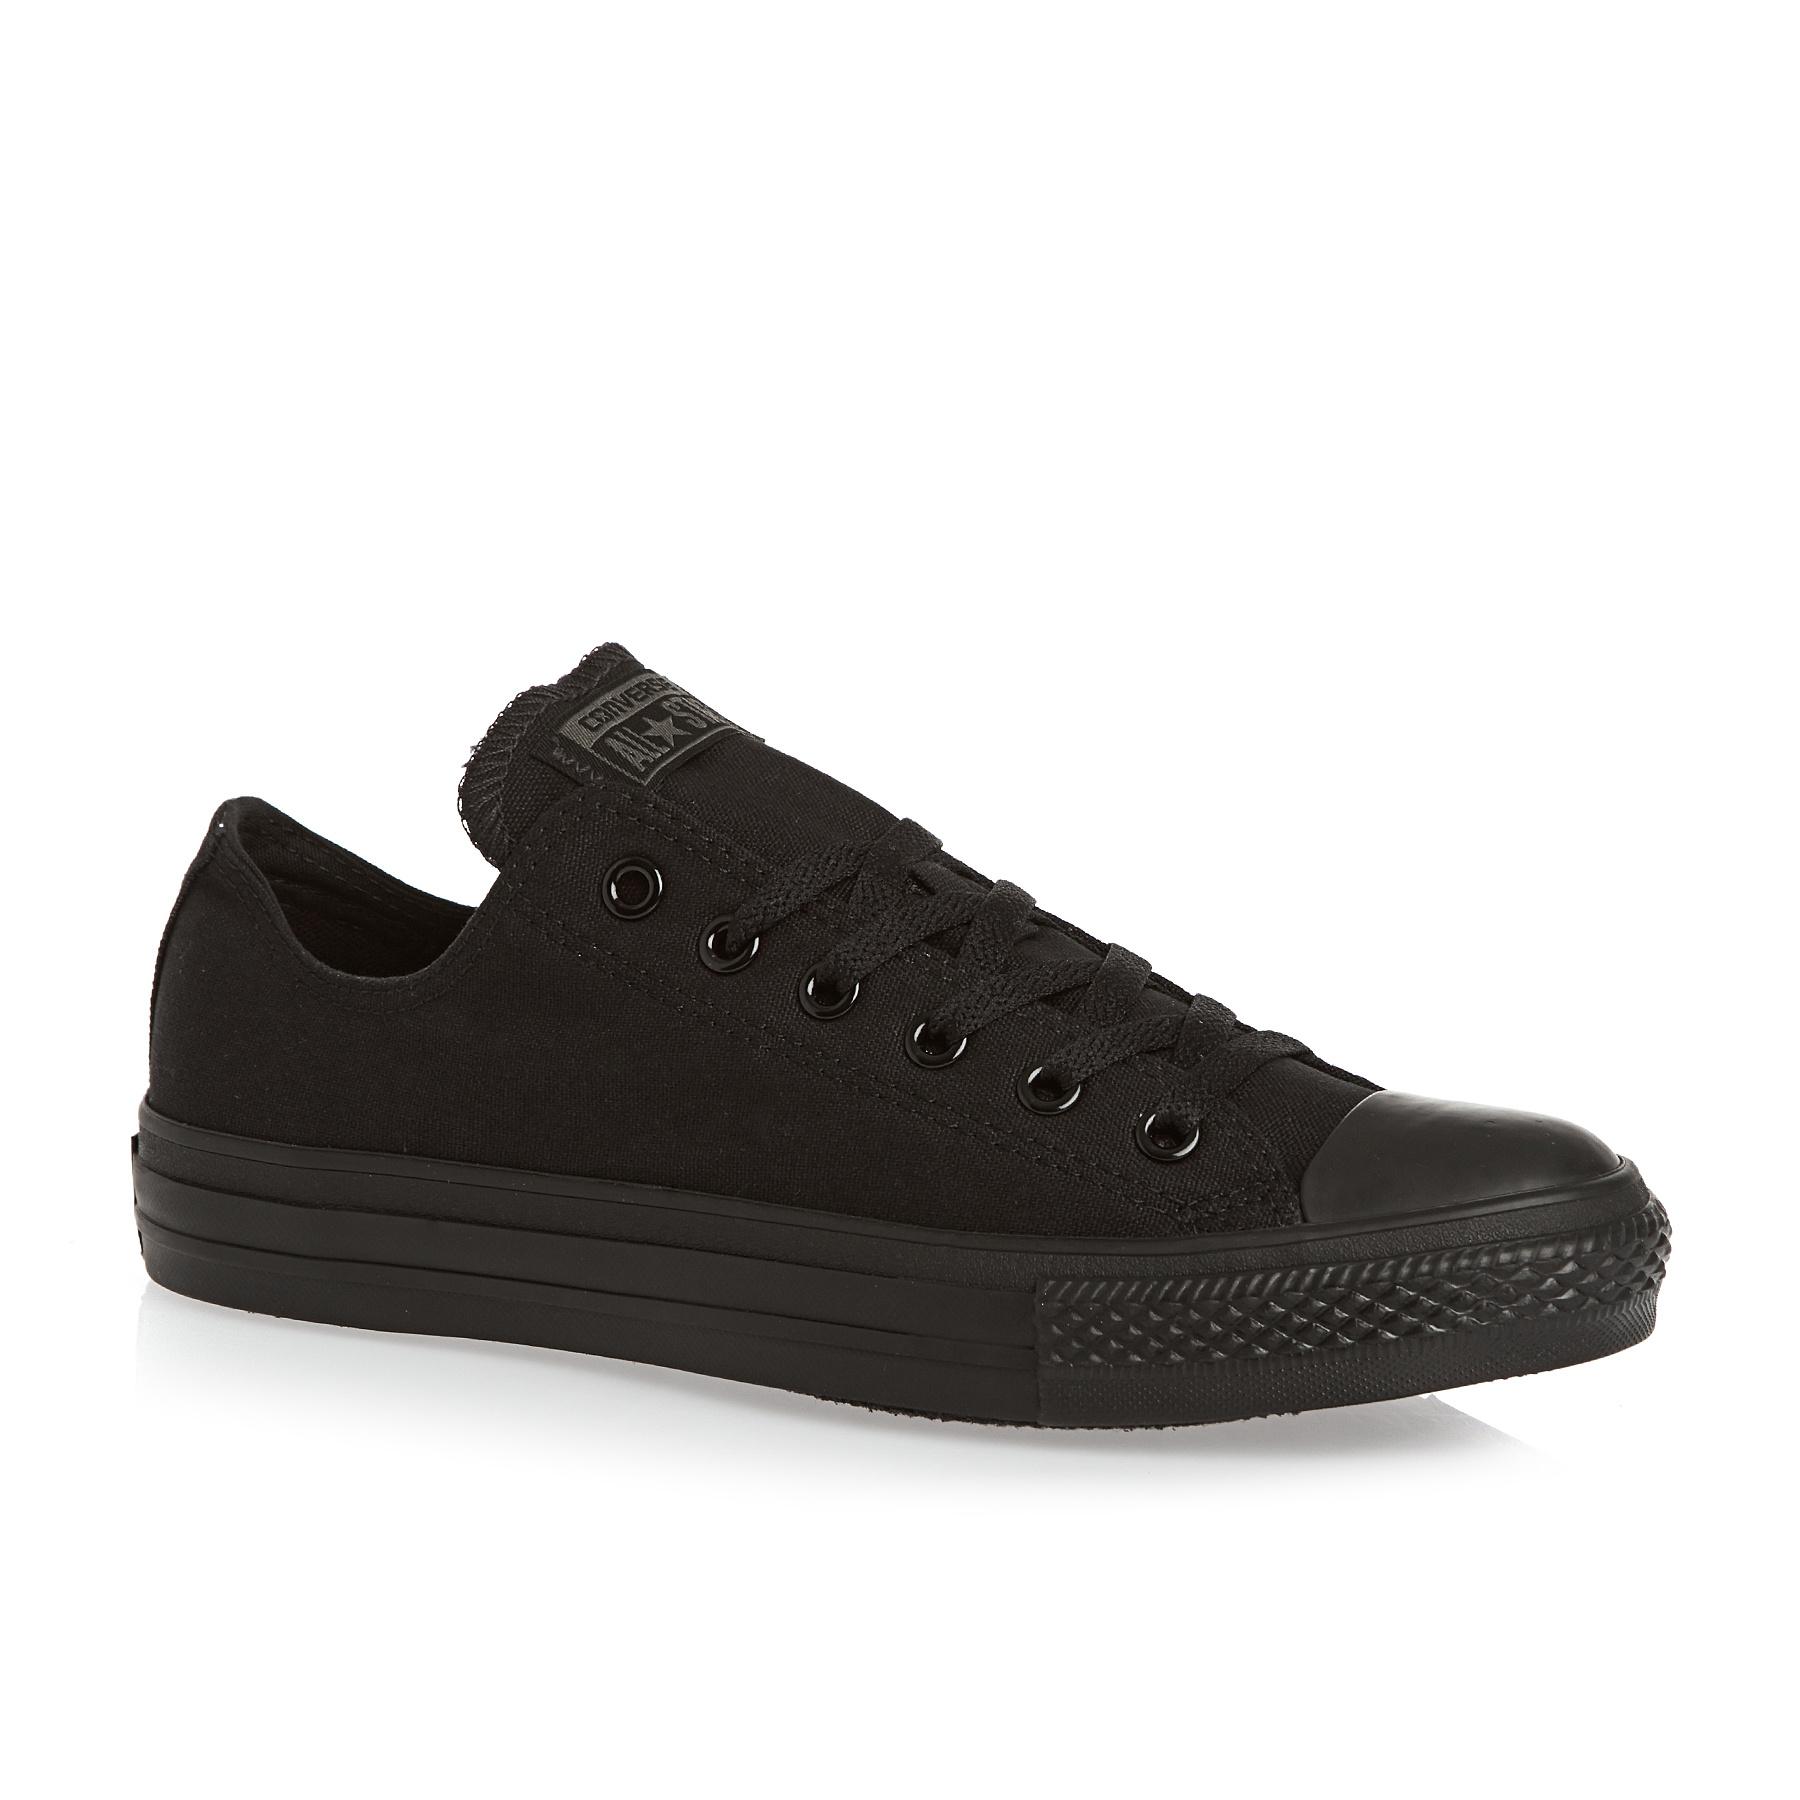 Men's Shoes beschikbaar bij Surfdome